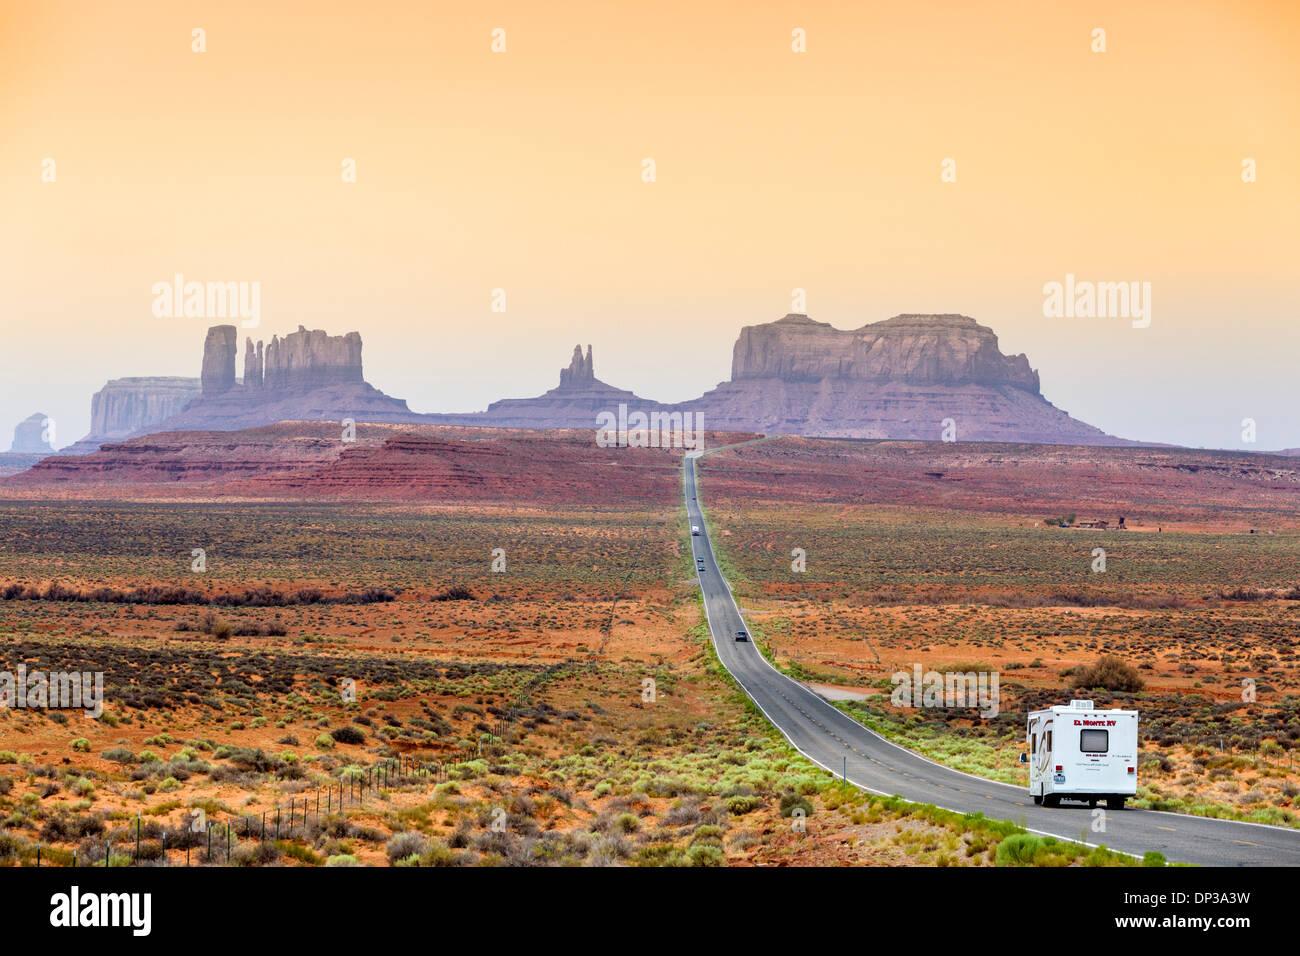 USA viaggio. Camper van (Motorhome) sulla US 163 guardando a sud verso Monument Valley, Utah, Stati Uniti d'America Immagini Stock